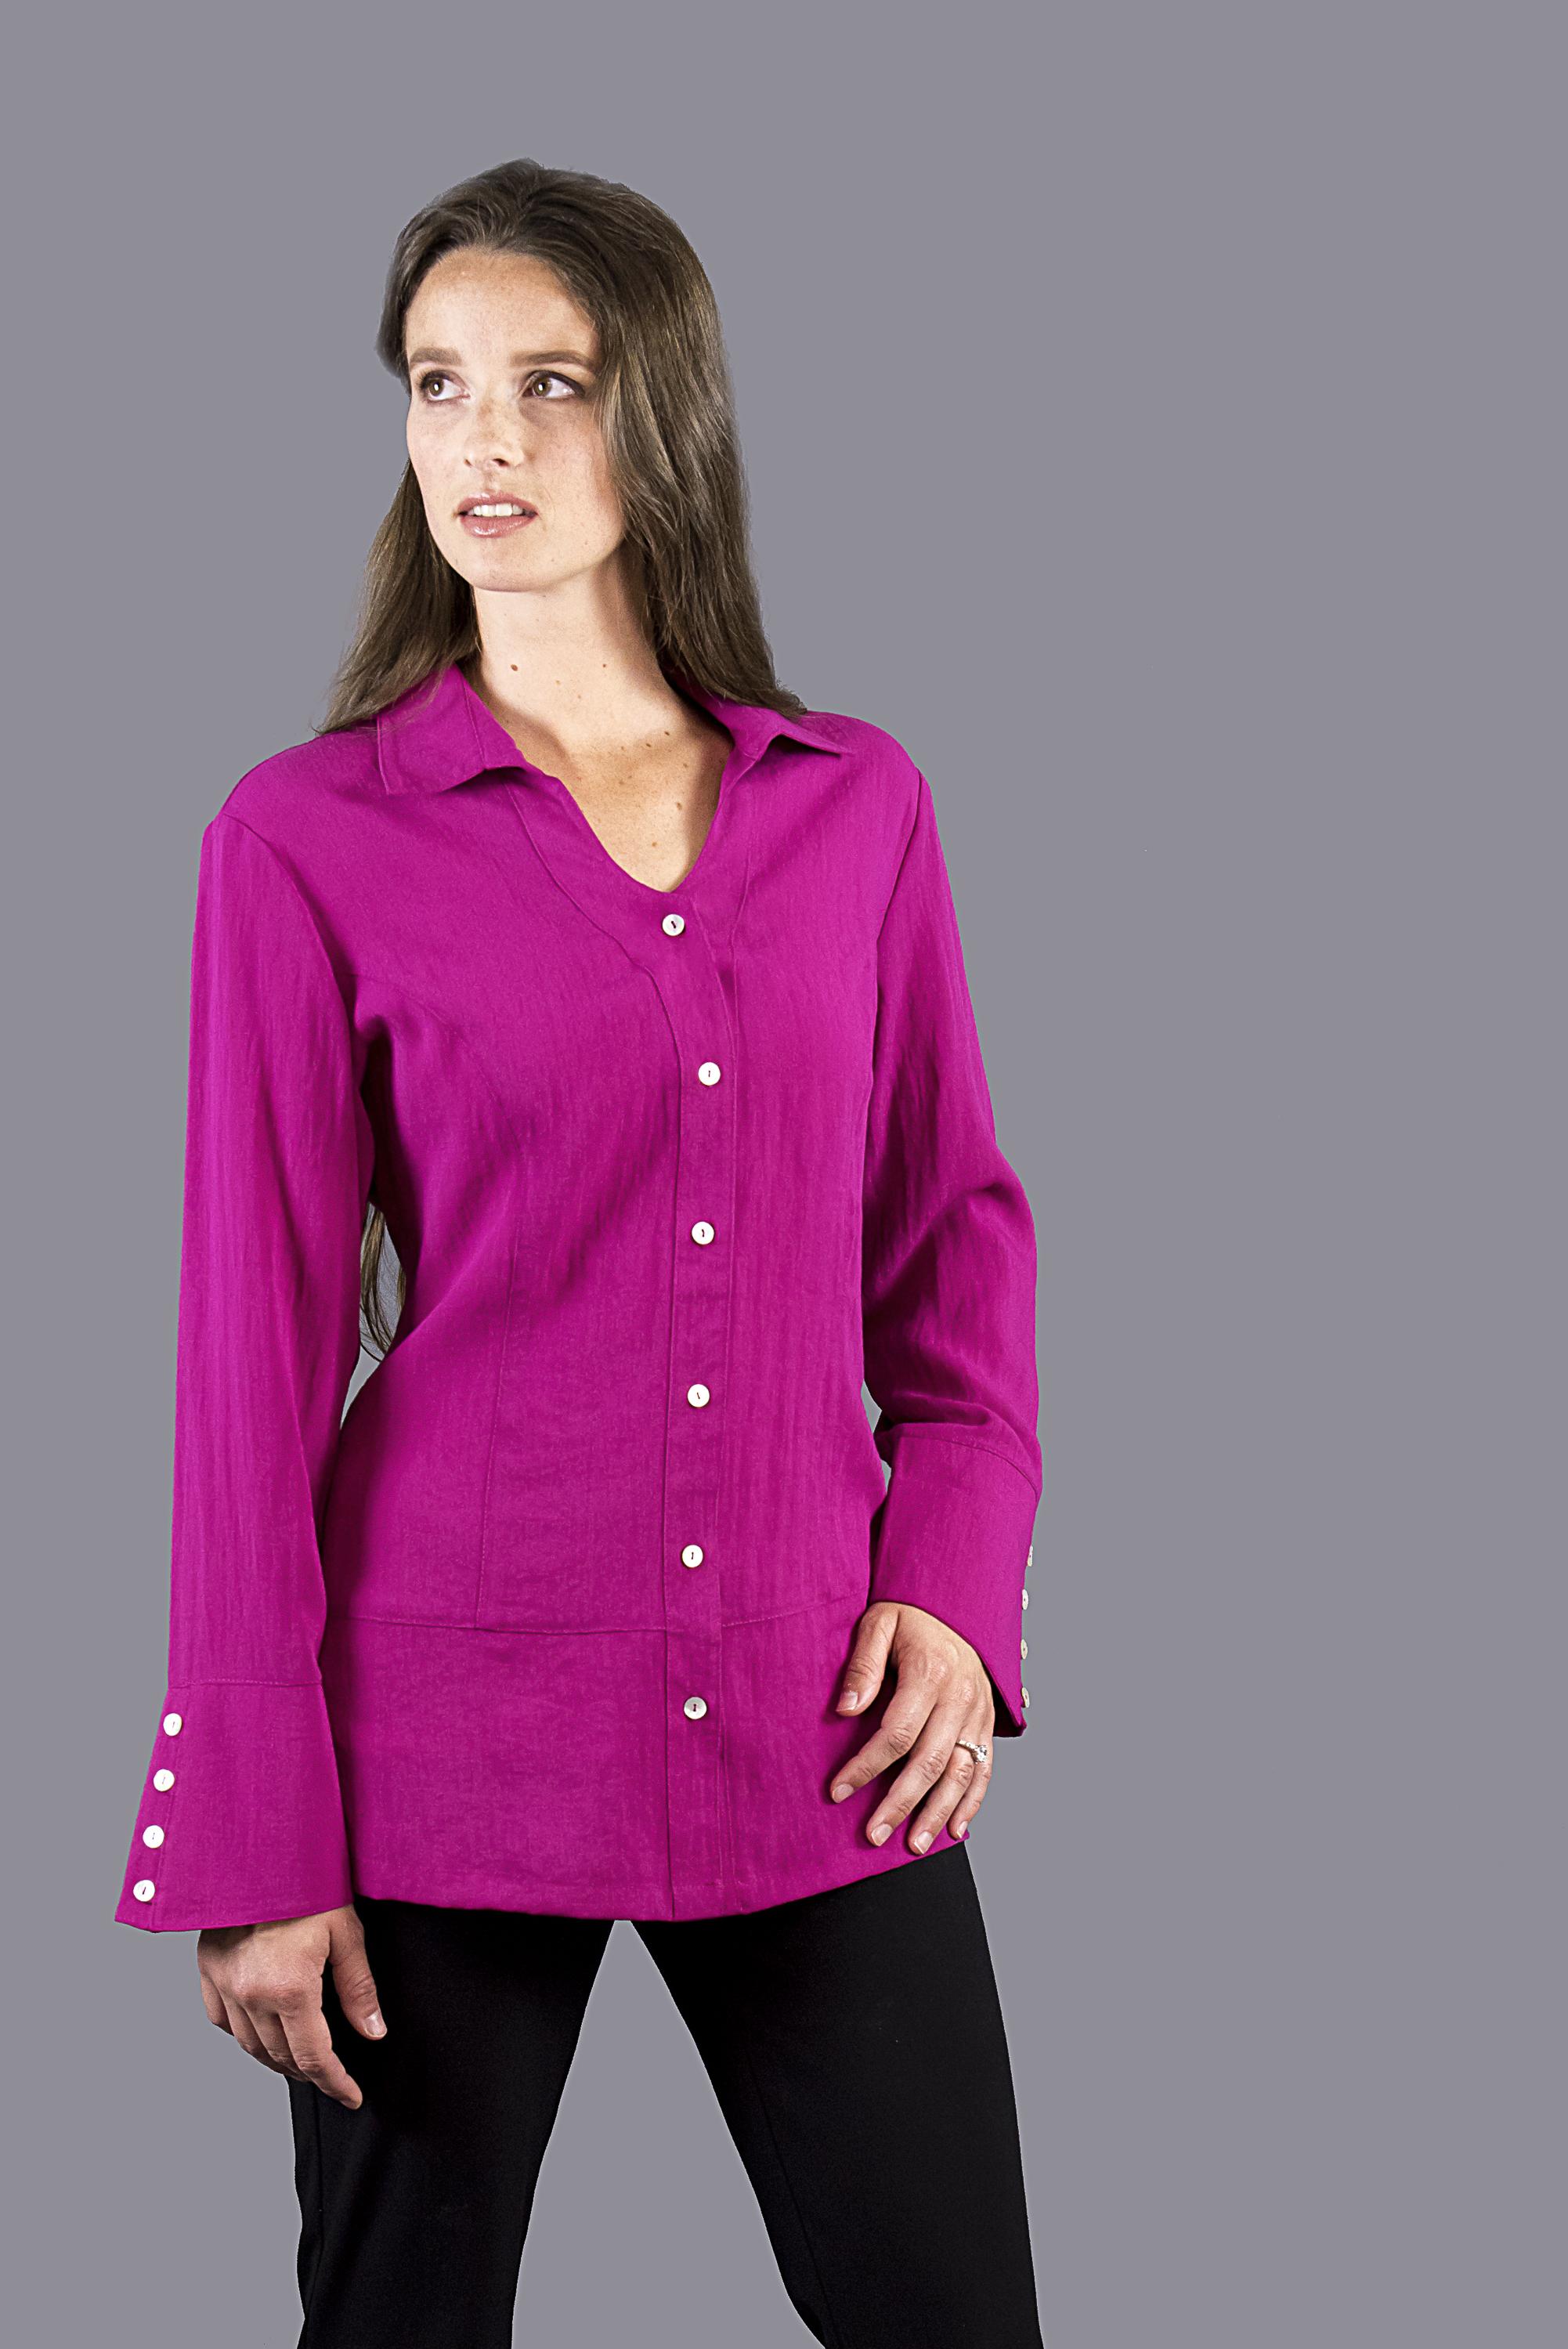 AA140 - Embellished Blouse